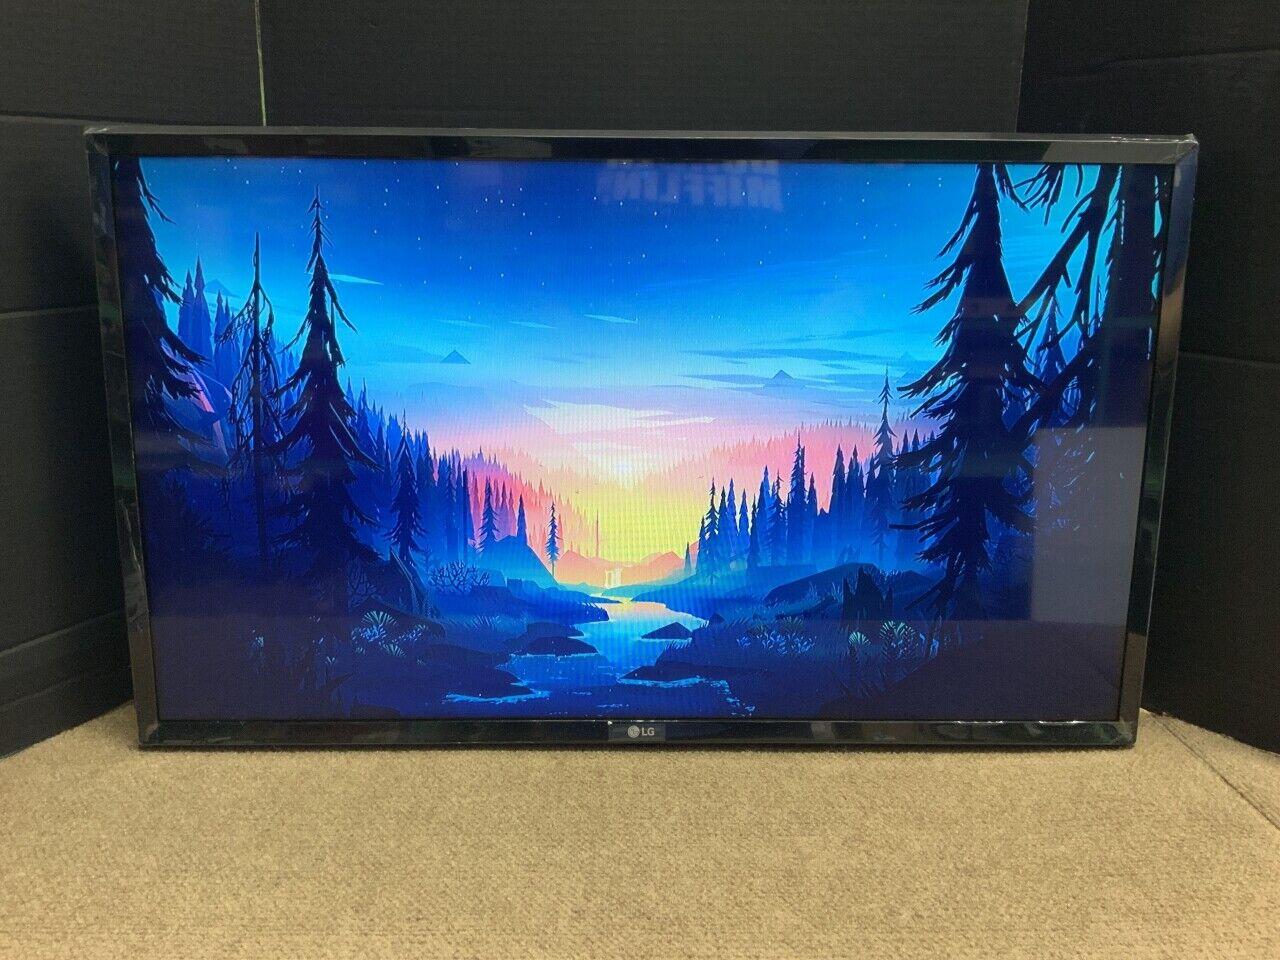 """LG Electronics 32"""" LED LCD Hospitality TV (720p) 32LT340CBUB ✅❤️️✅❤️️ NEW"""